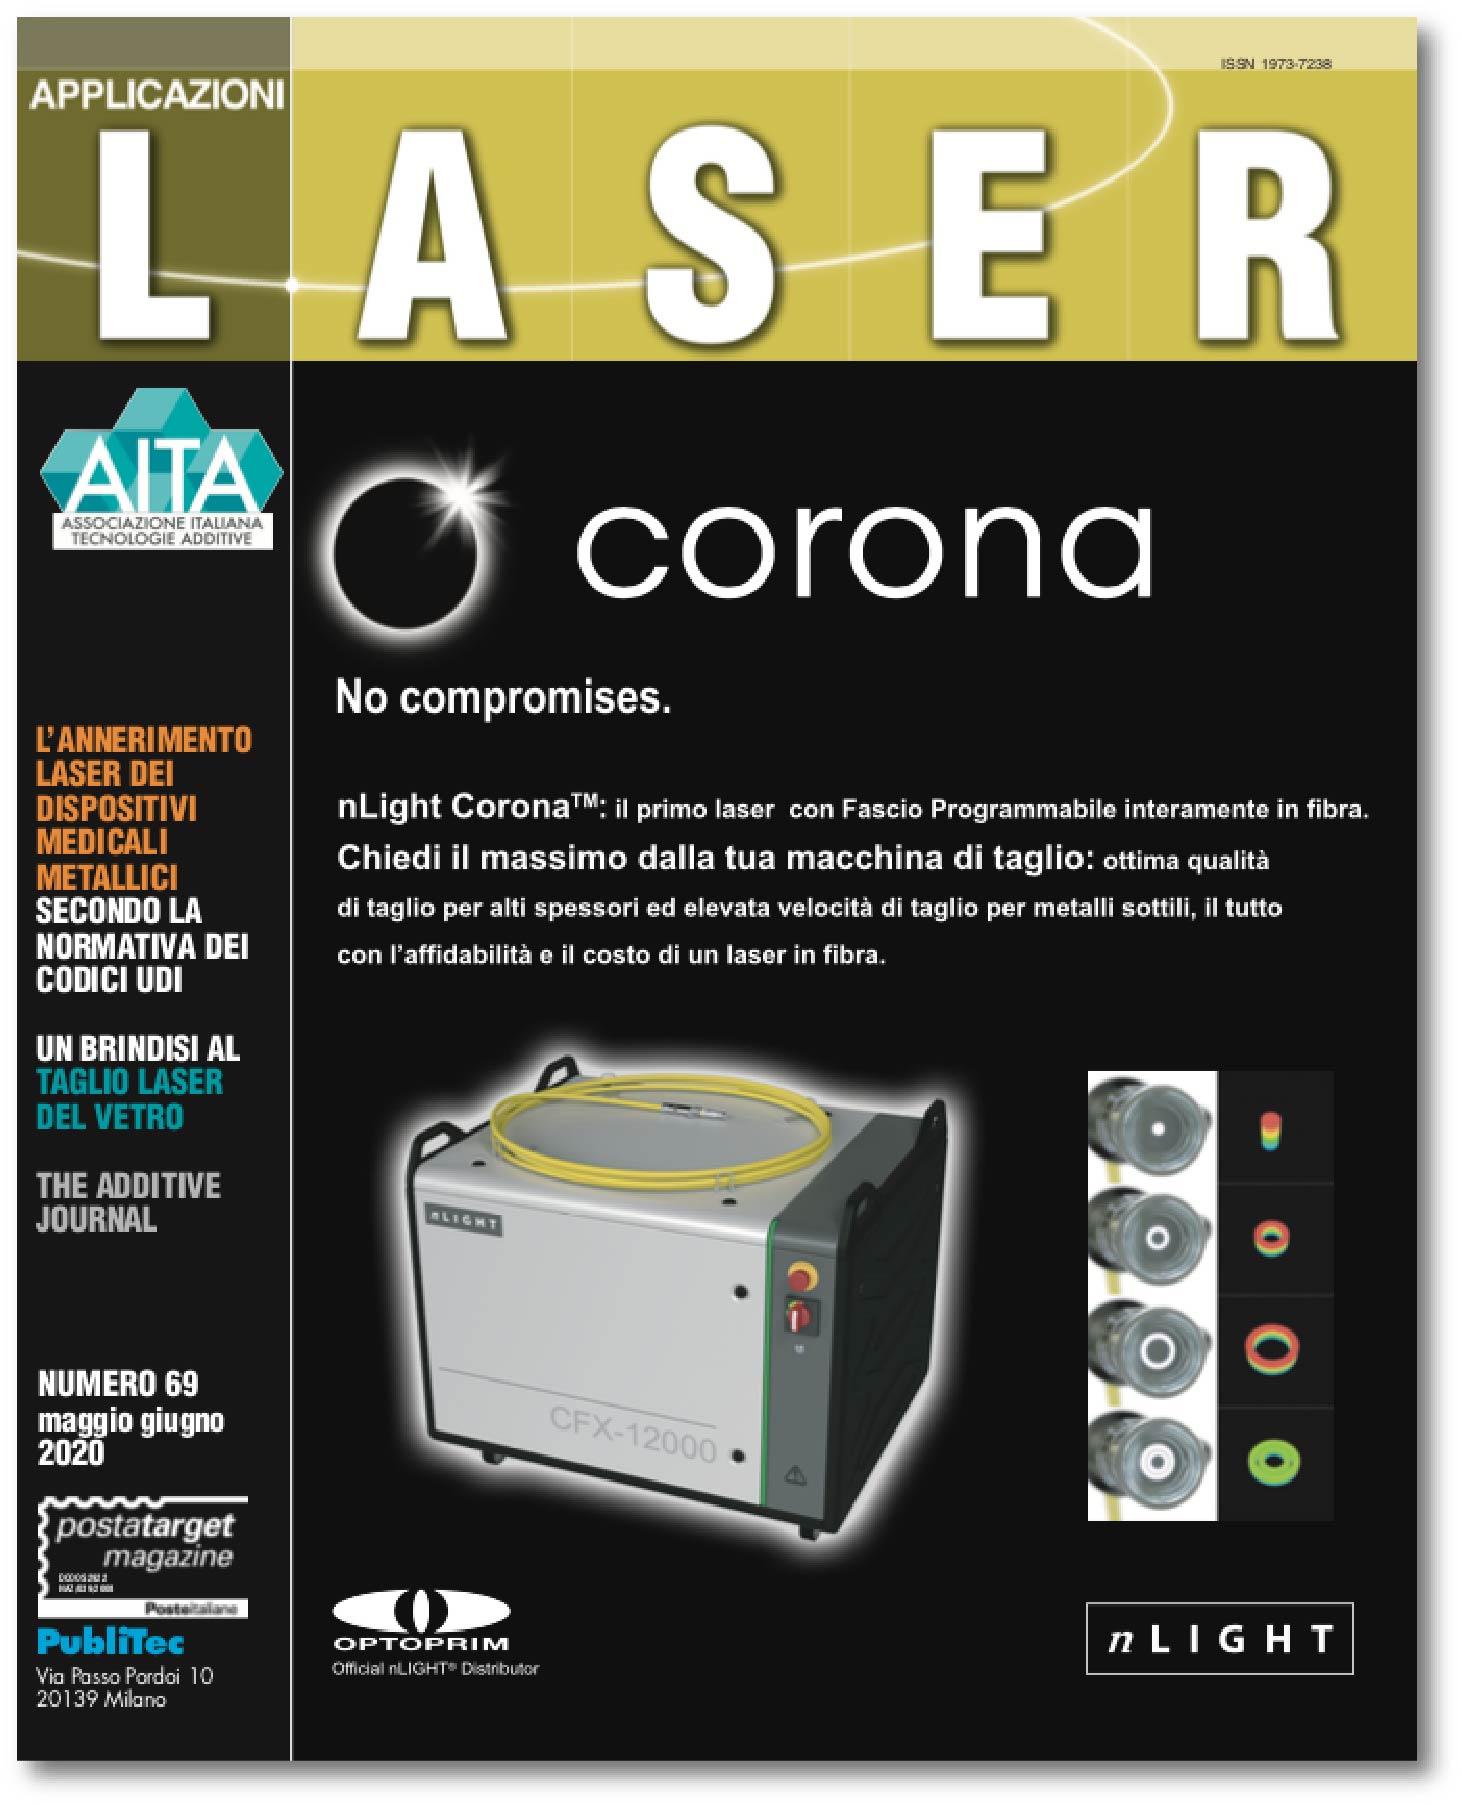 Applicazioni Laser 69